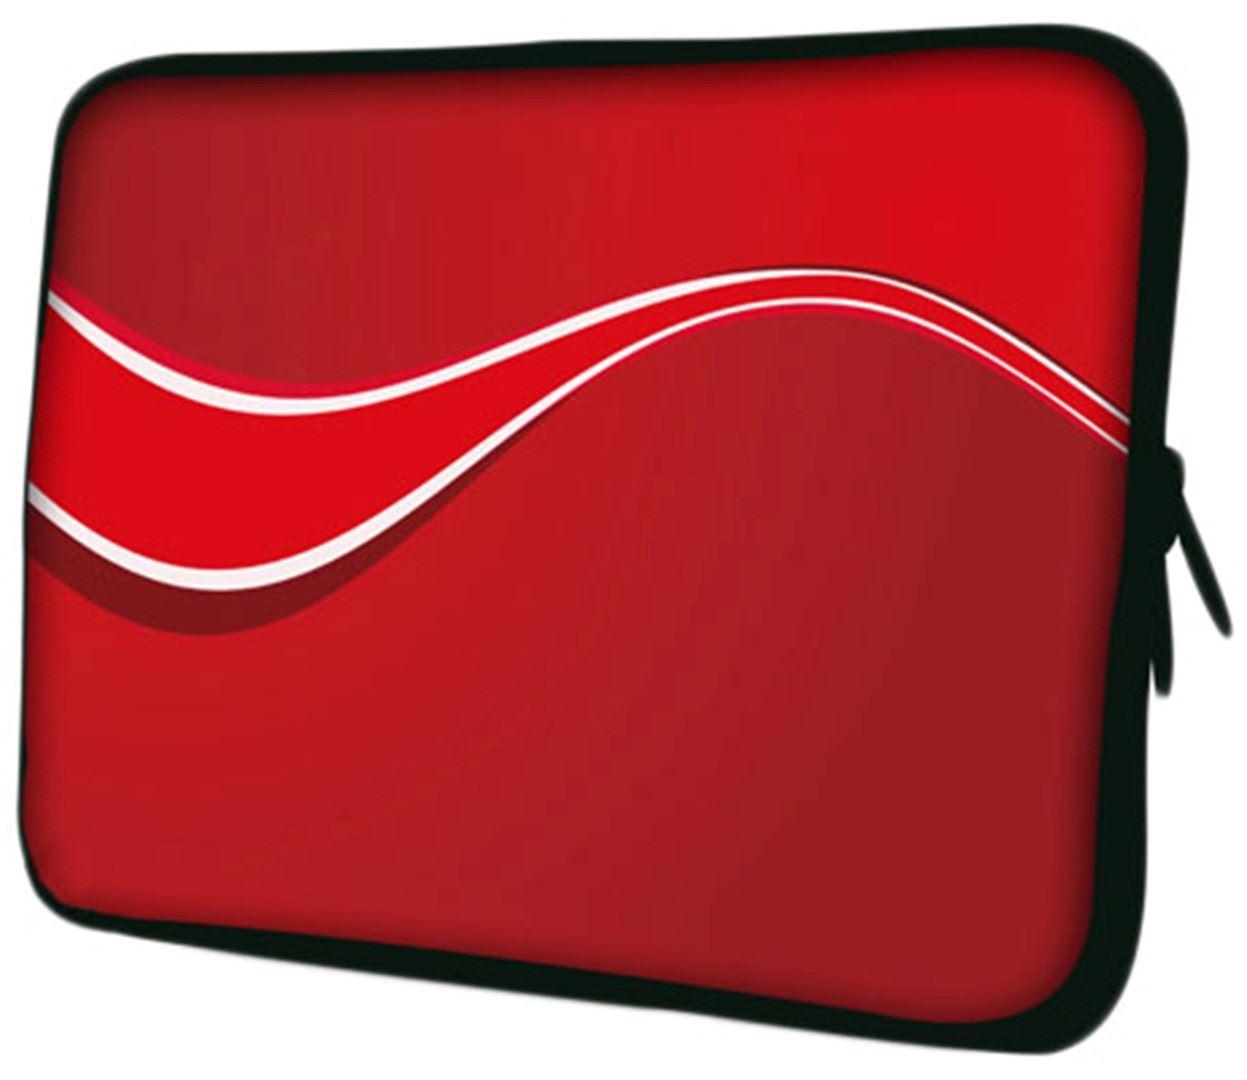 7 10 12 13 14 15 17 housse sacoche pochette pour ordinateur portable ebay. Black Bedroom Furniture Sets. Home Design Ideas